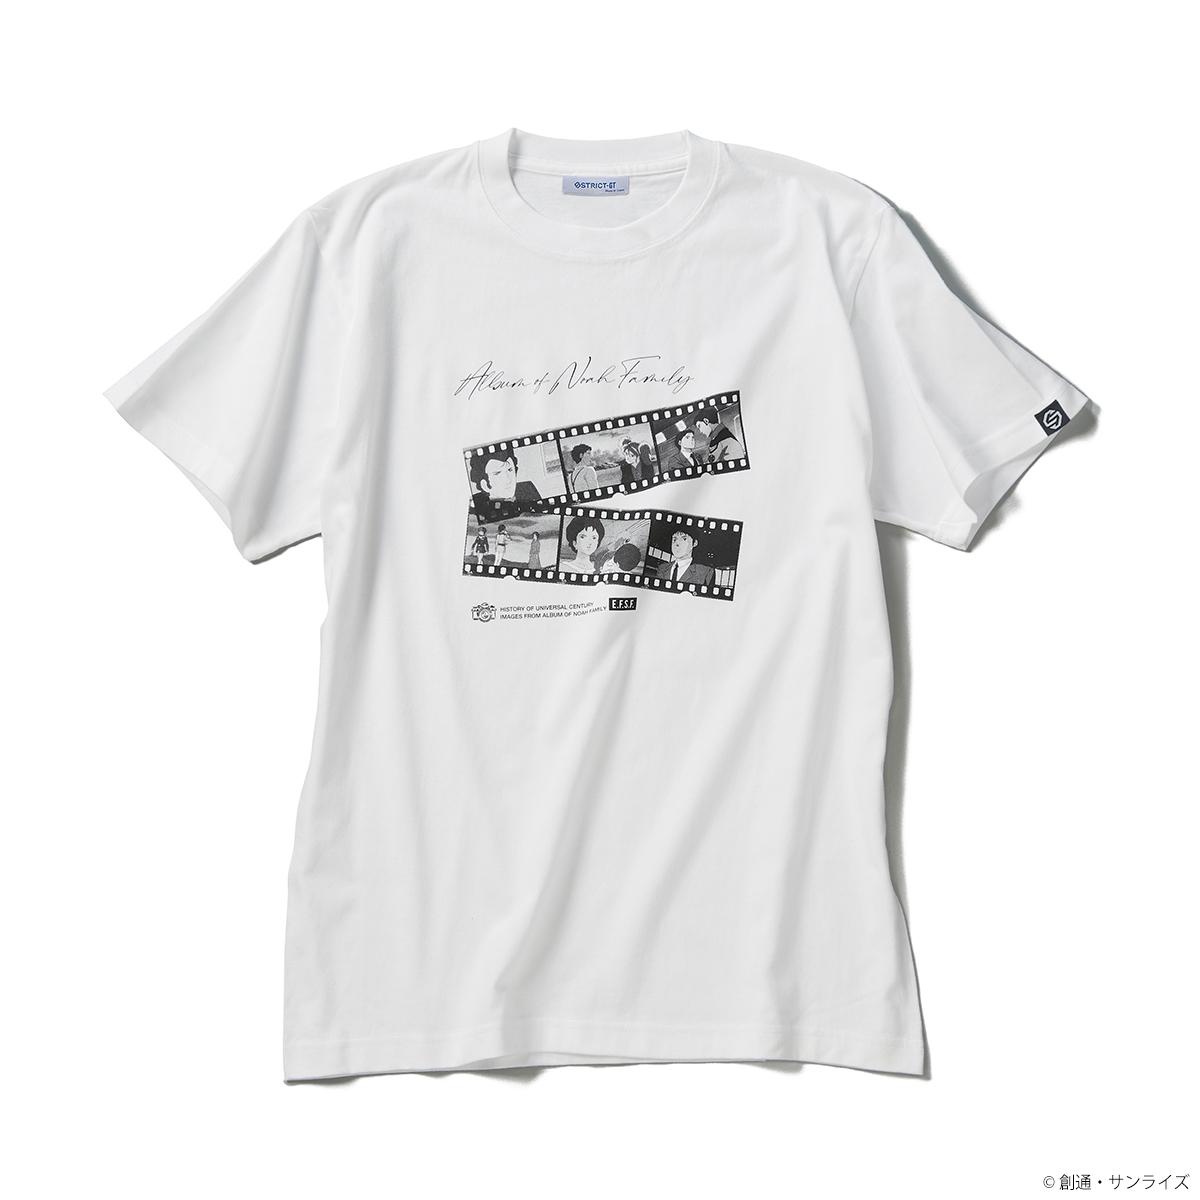 ブライト・ノア、ミライ、ハサウェイ・ノア等の登場シーン、「ノア家のアルバム」Tシャツコレクション登場!